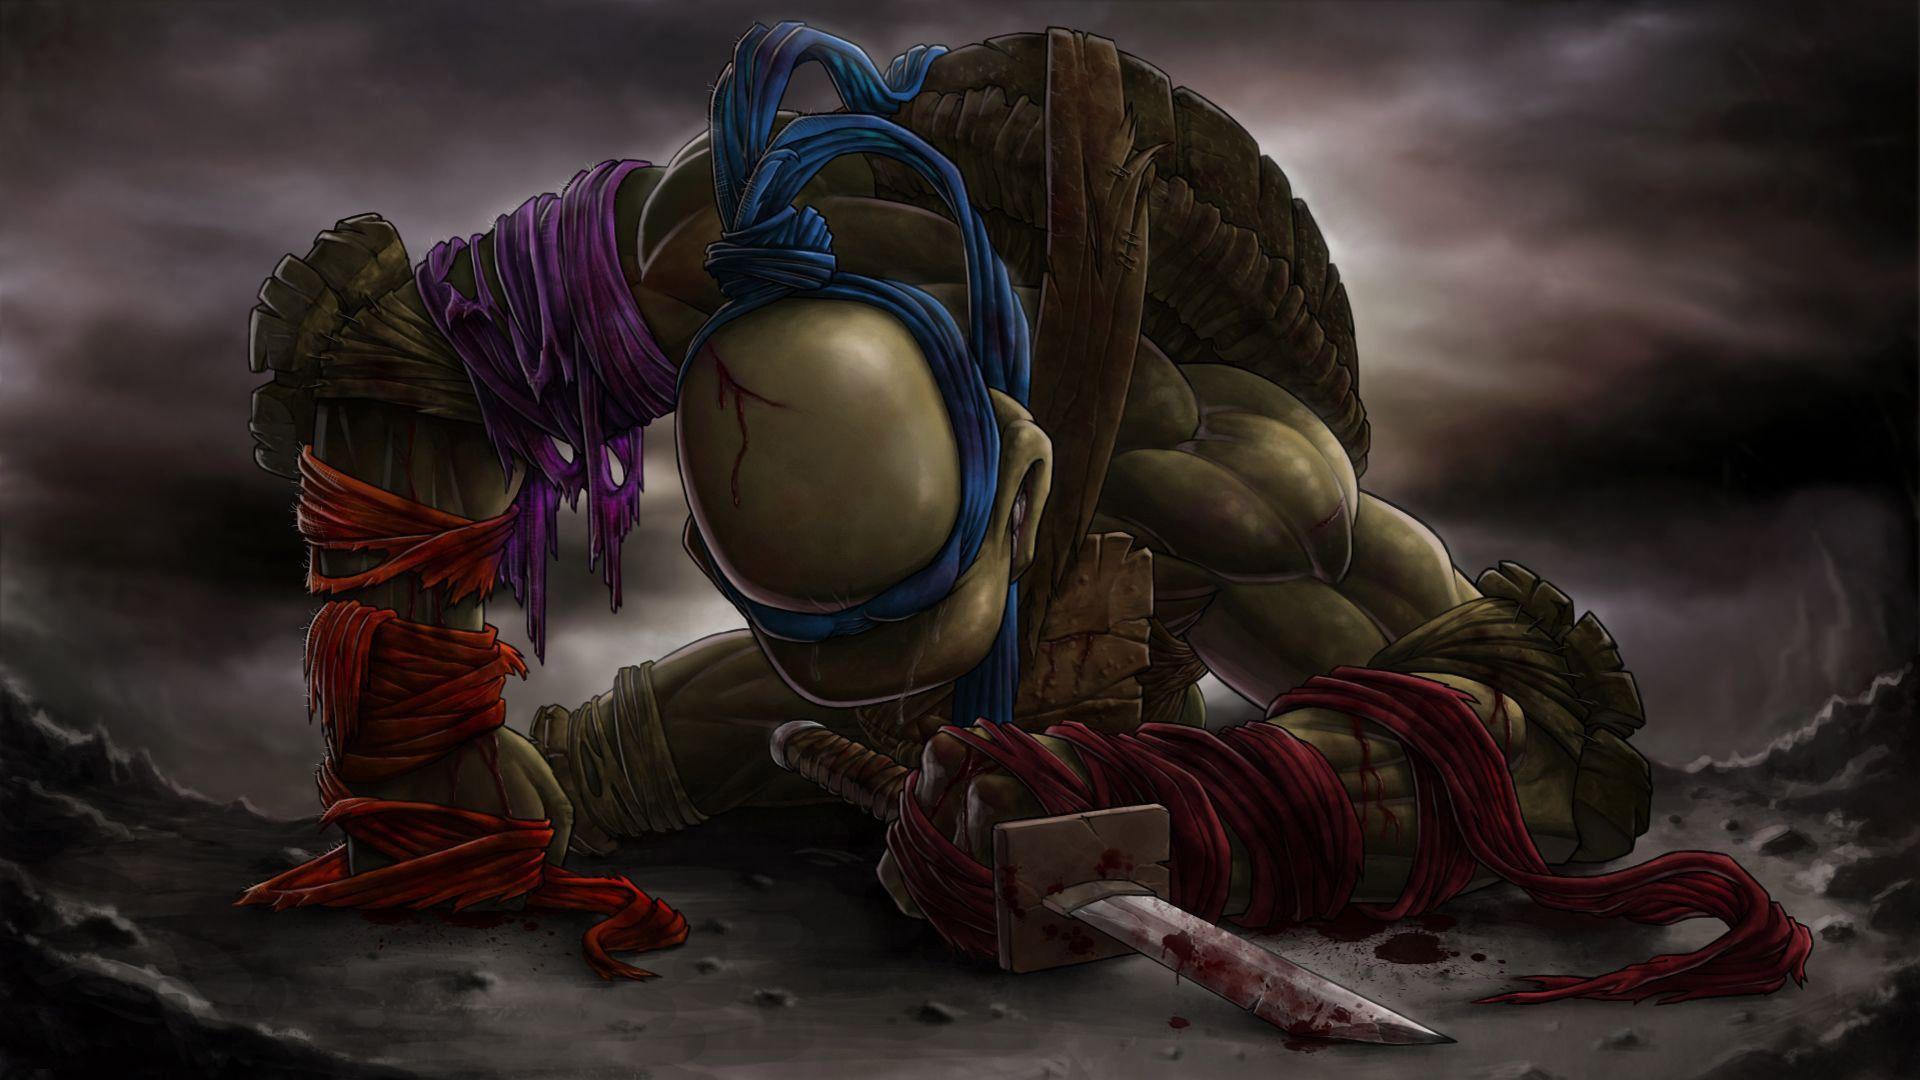 Leonardo Teenage Mutant Ninja Turtles wallpaper Tmnt